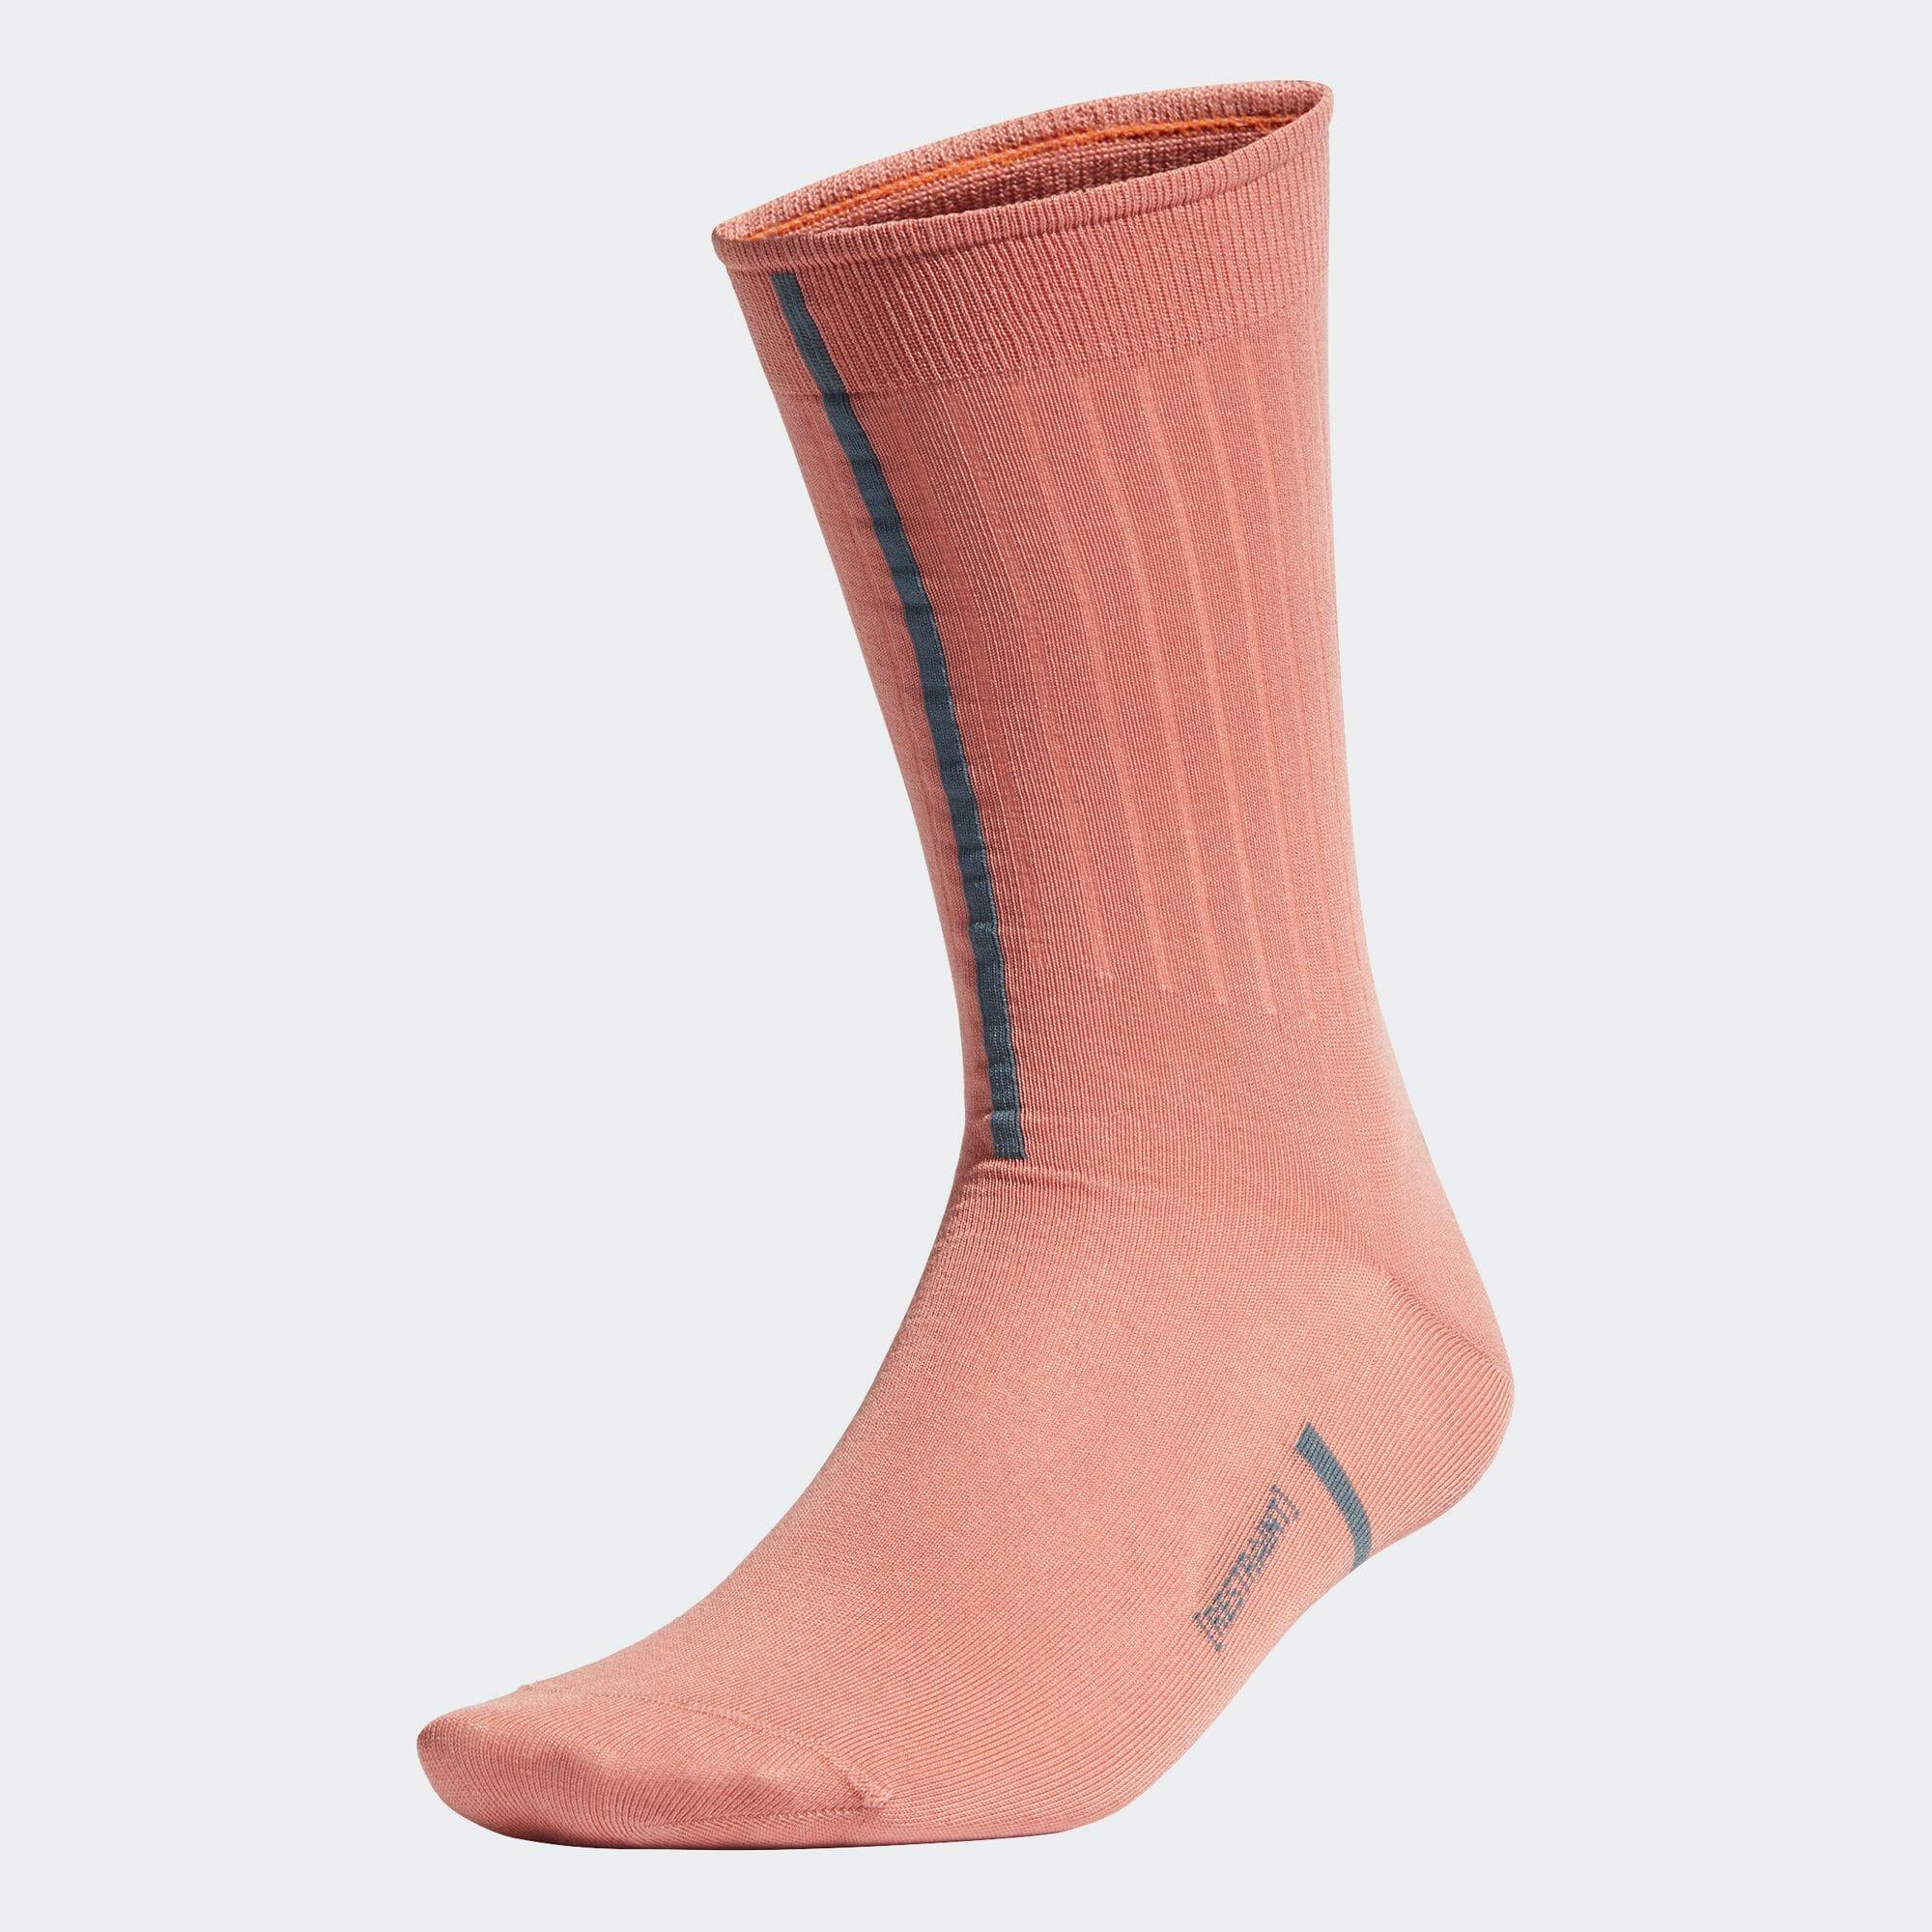 OAMC ソックス / OAMC Socks